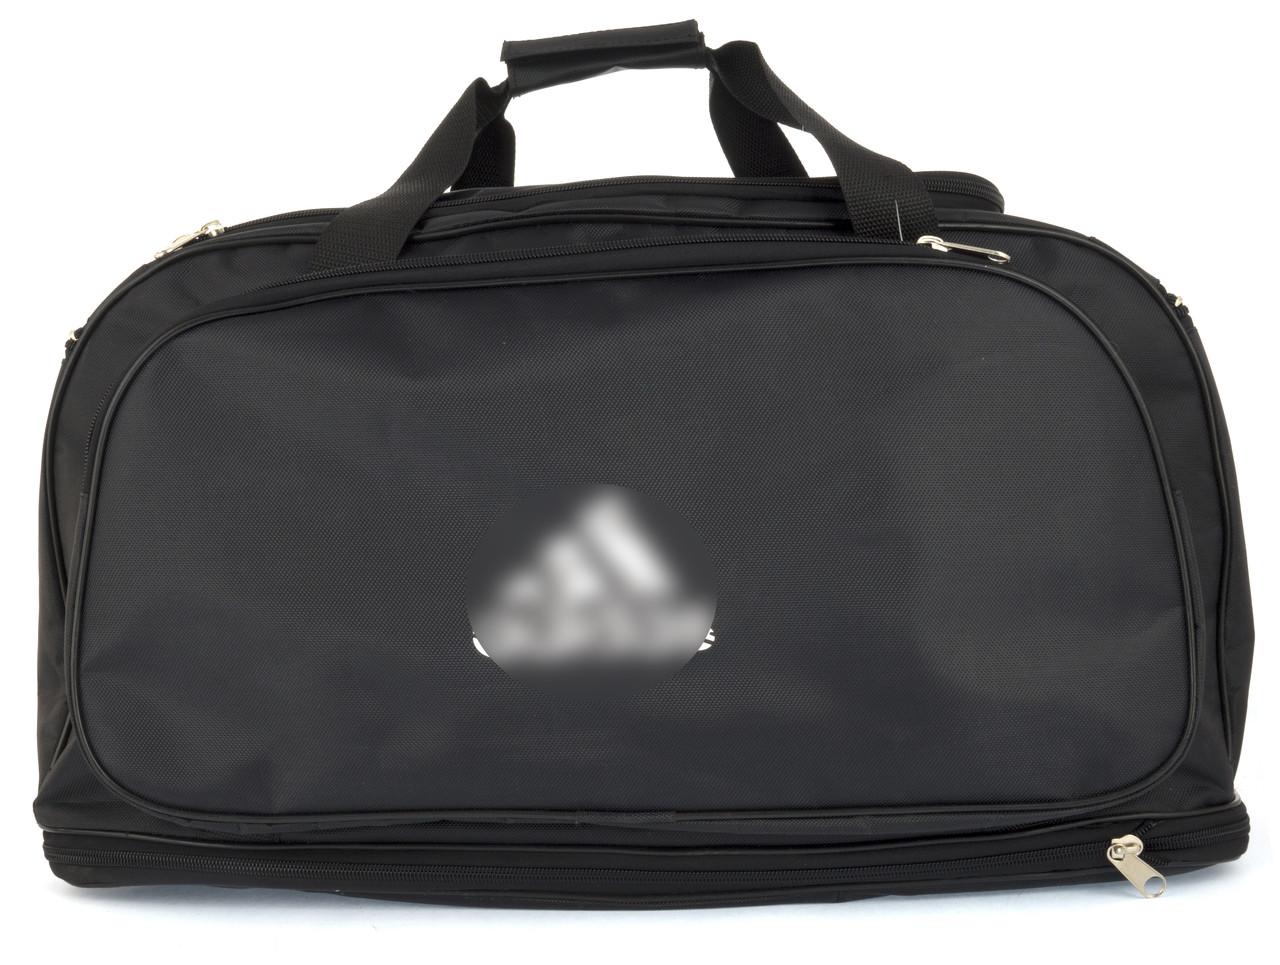 0912a3153cbd Стильная прочная спортивная вместительная спортивная сумка с двойным дном  art. 57-3 Украина